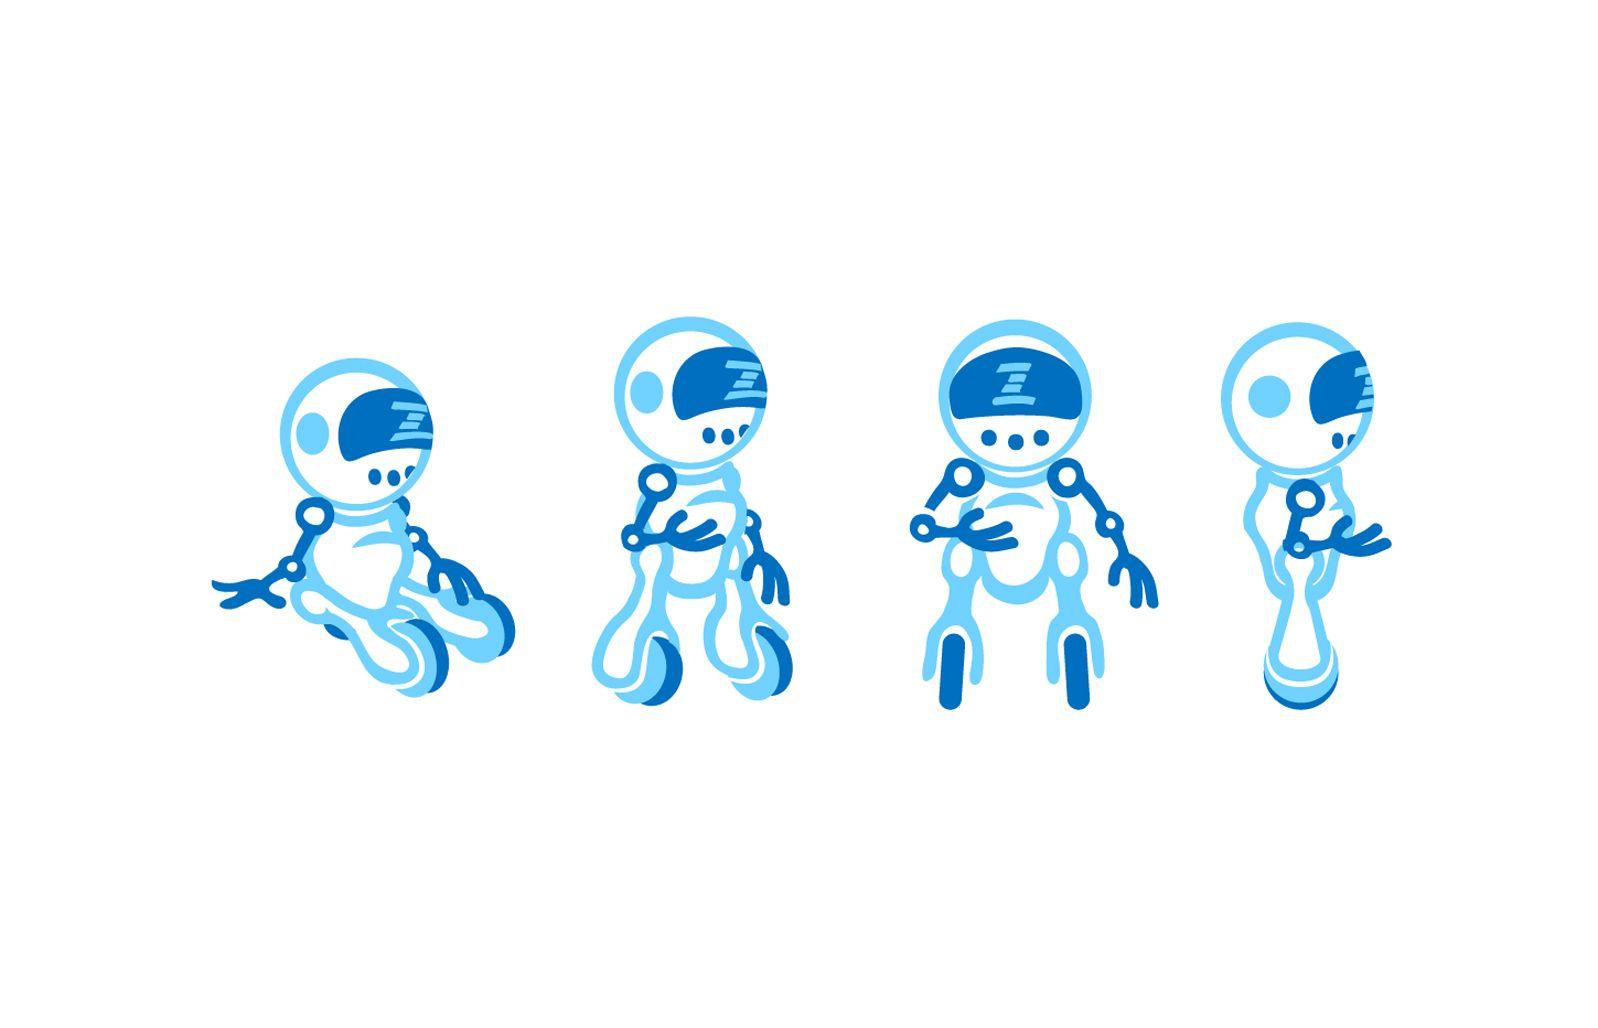 Создание персонажа для Департамента IT-компании - дизайнер andblin61